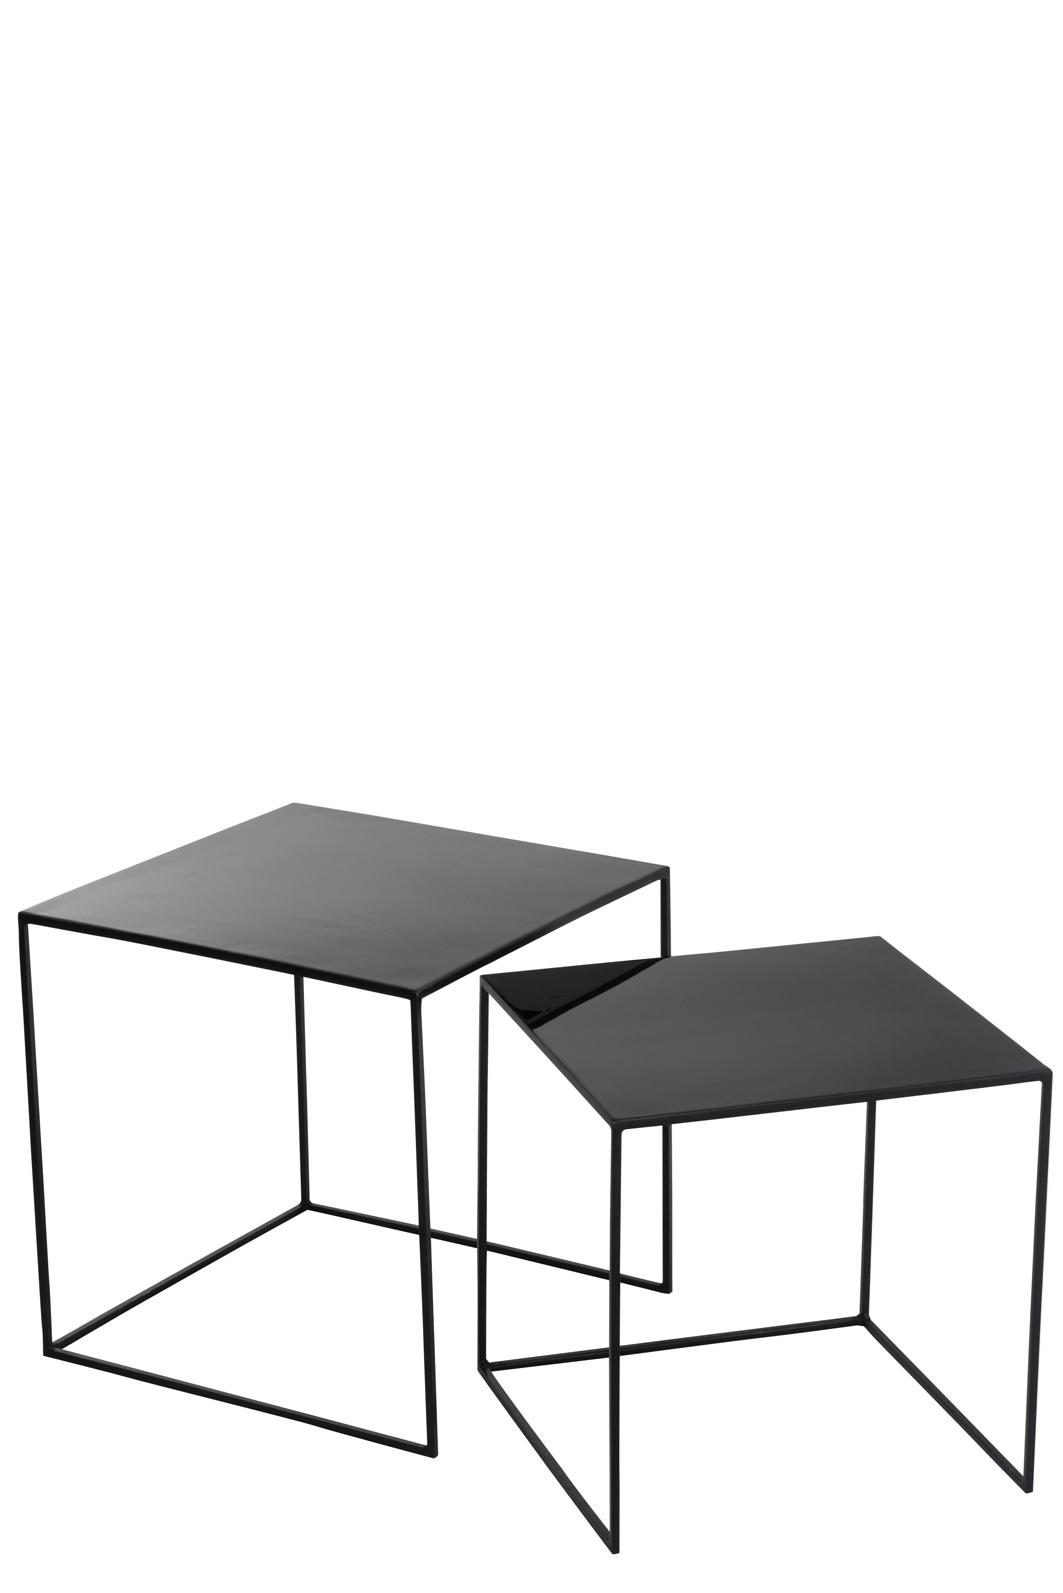 Bijzettafel Zwart Vierkant.J Line Set 2 Bijzettafels Vierkant Blinkend Zwart Geschenken Denruyter